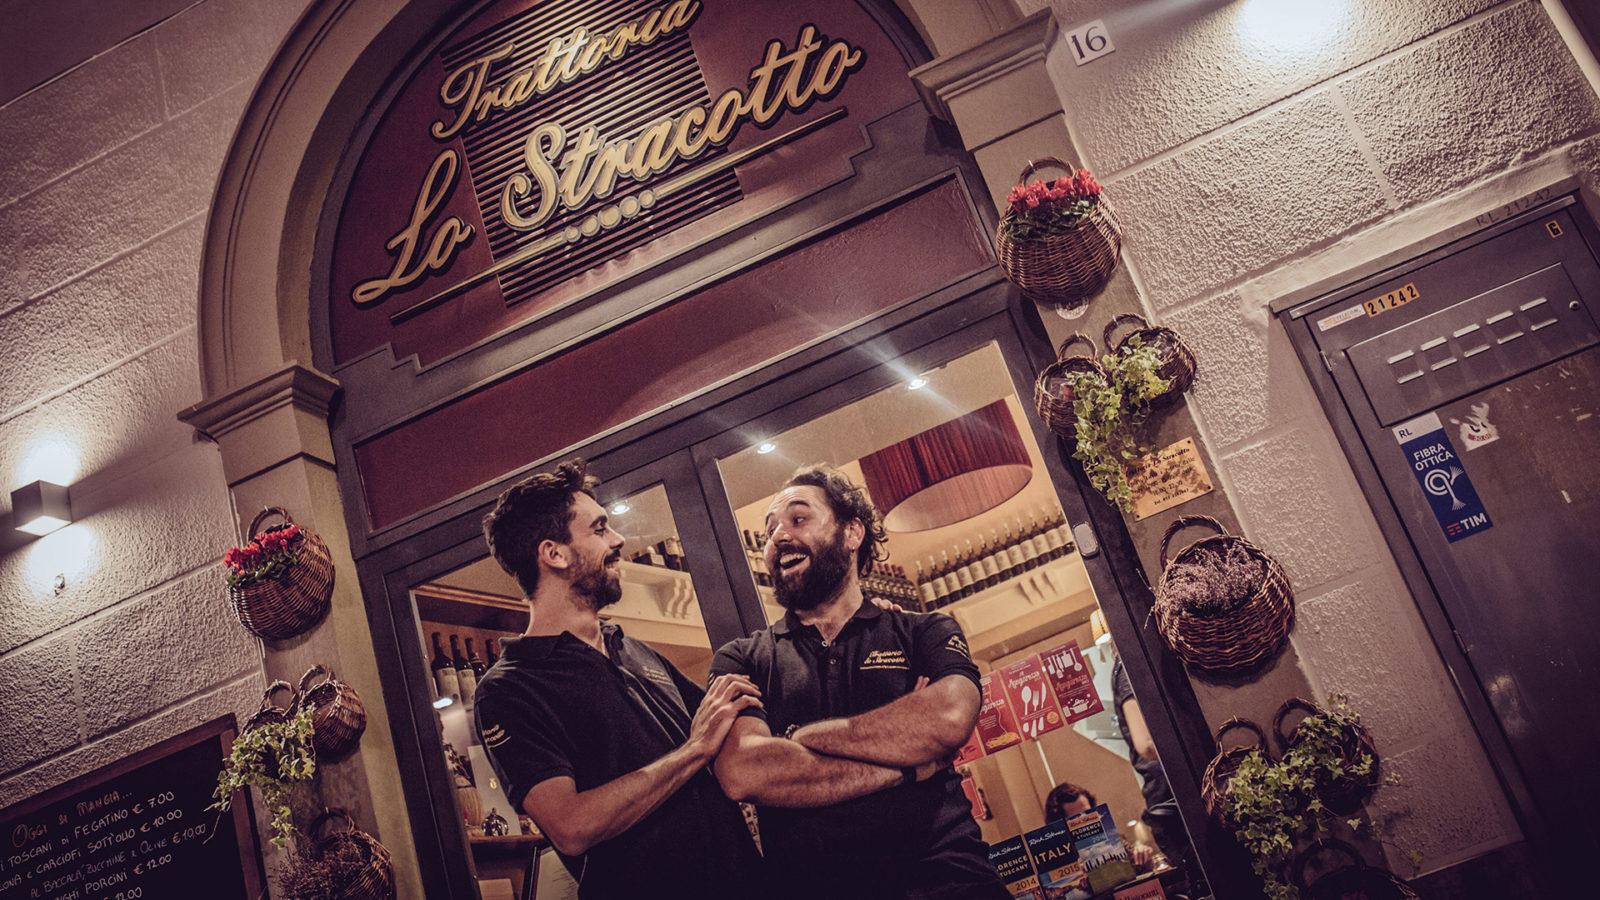 cucina toscana tradizionale Ristorante Firenze Centro Storico - Trattoria Lo Stracotto Firenze